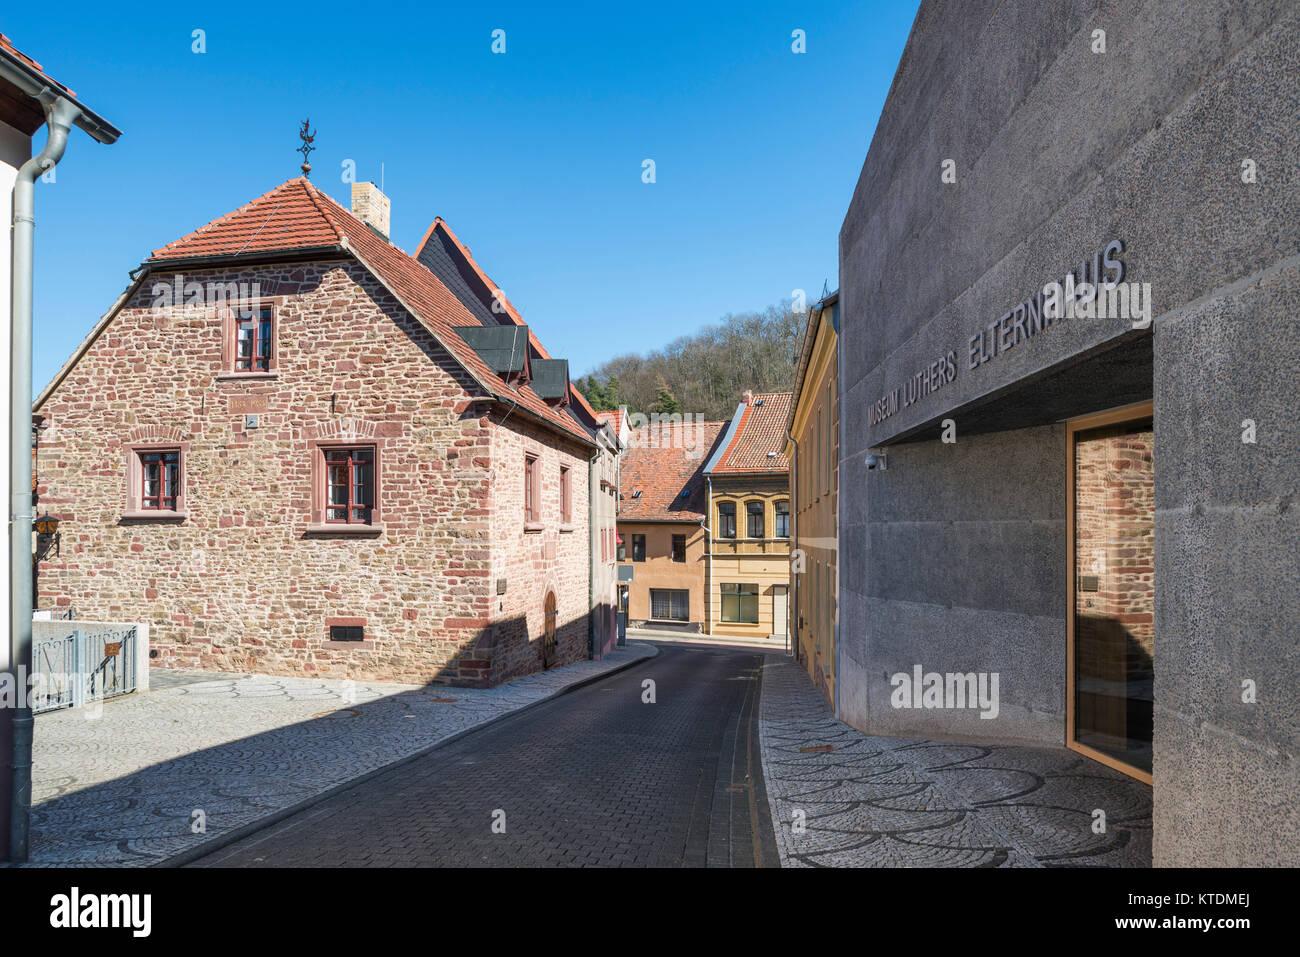 Luthers Elternhaus, lebte hier 1484-1497, rechts moderner Museumsneubau von 2014, Mansfeld-Lutherstadt, Sachsen - Stock Image